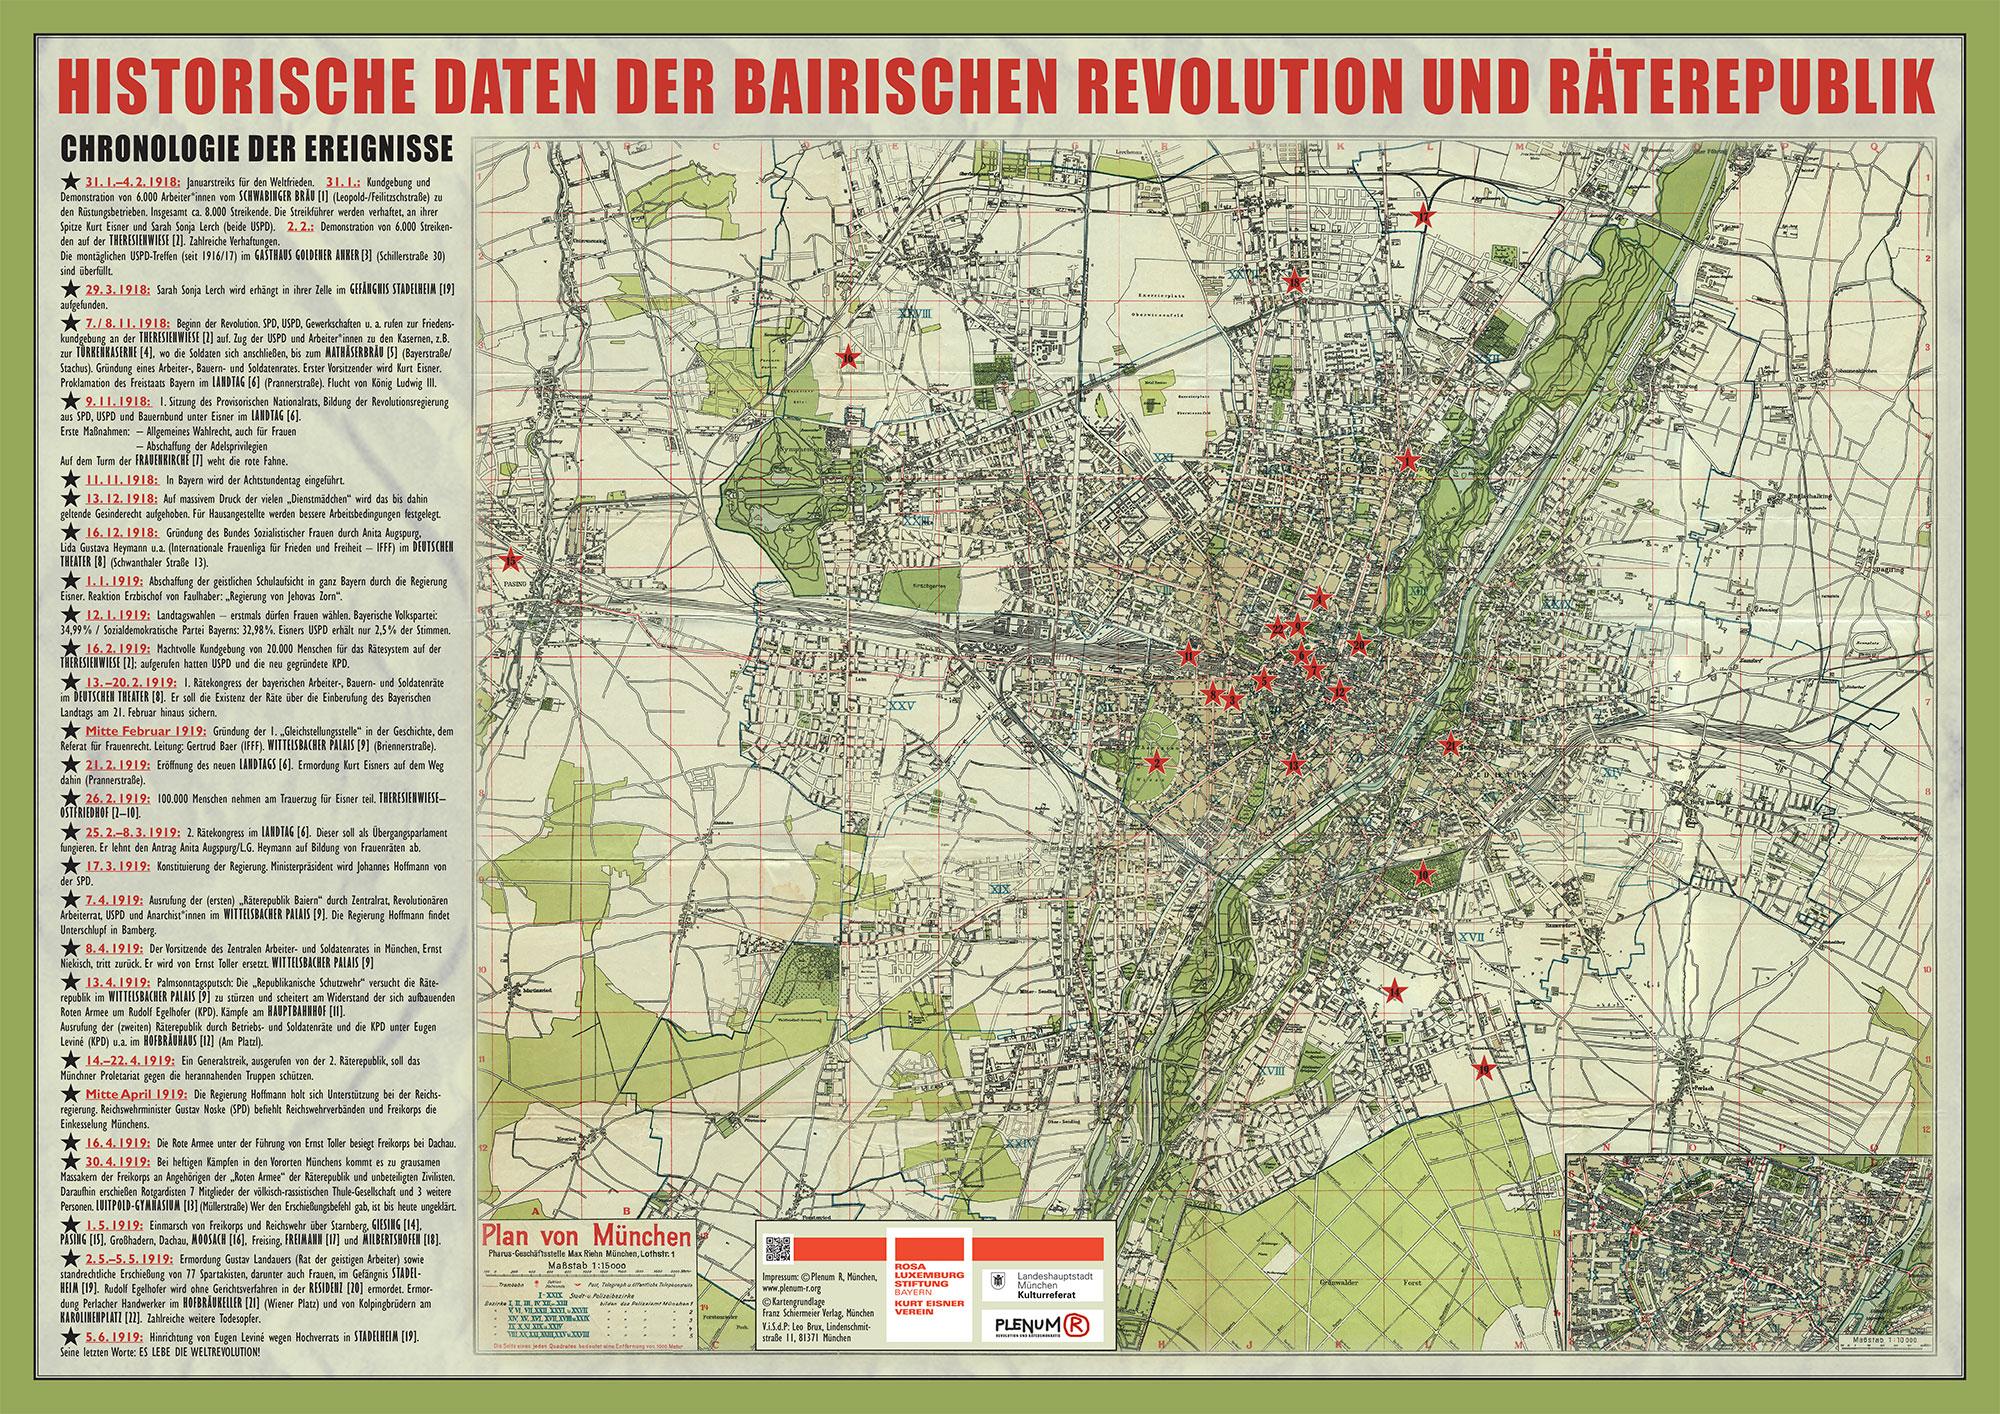 Karte mit den wichtigsten Daten, kostenlos beim Kurt Eisner-Verein / Rosa Luxemburg Stiftung oder bei manchen unseren Veranstaltungen zu bekommen